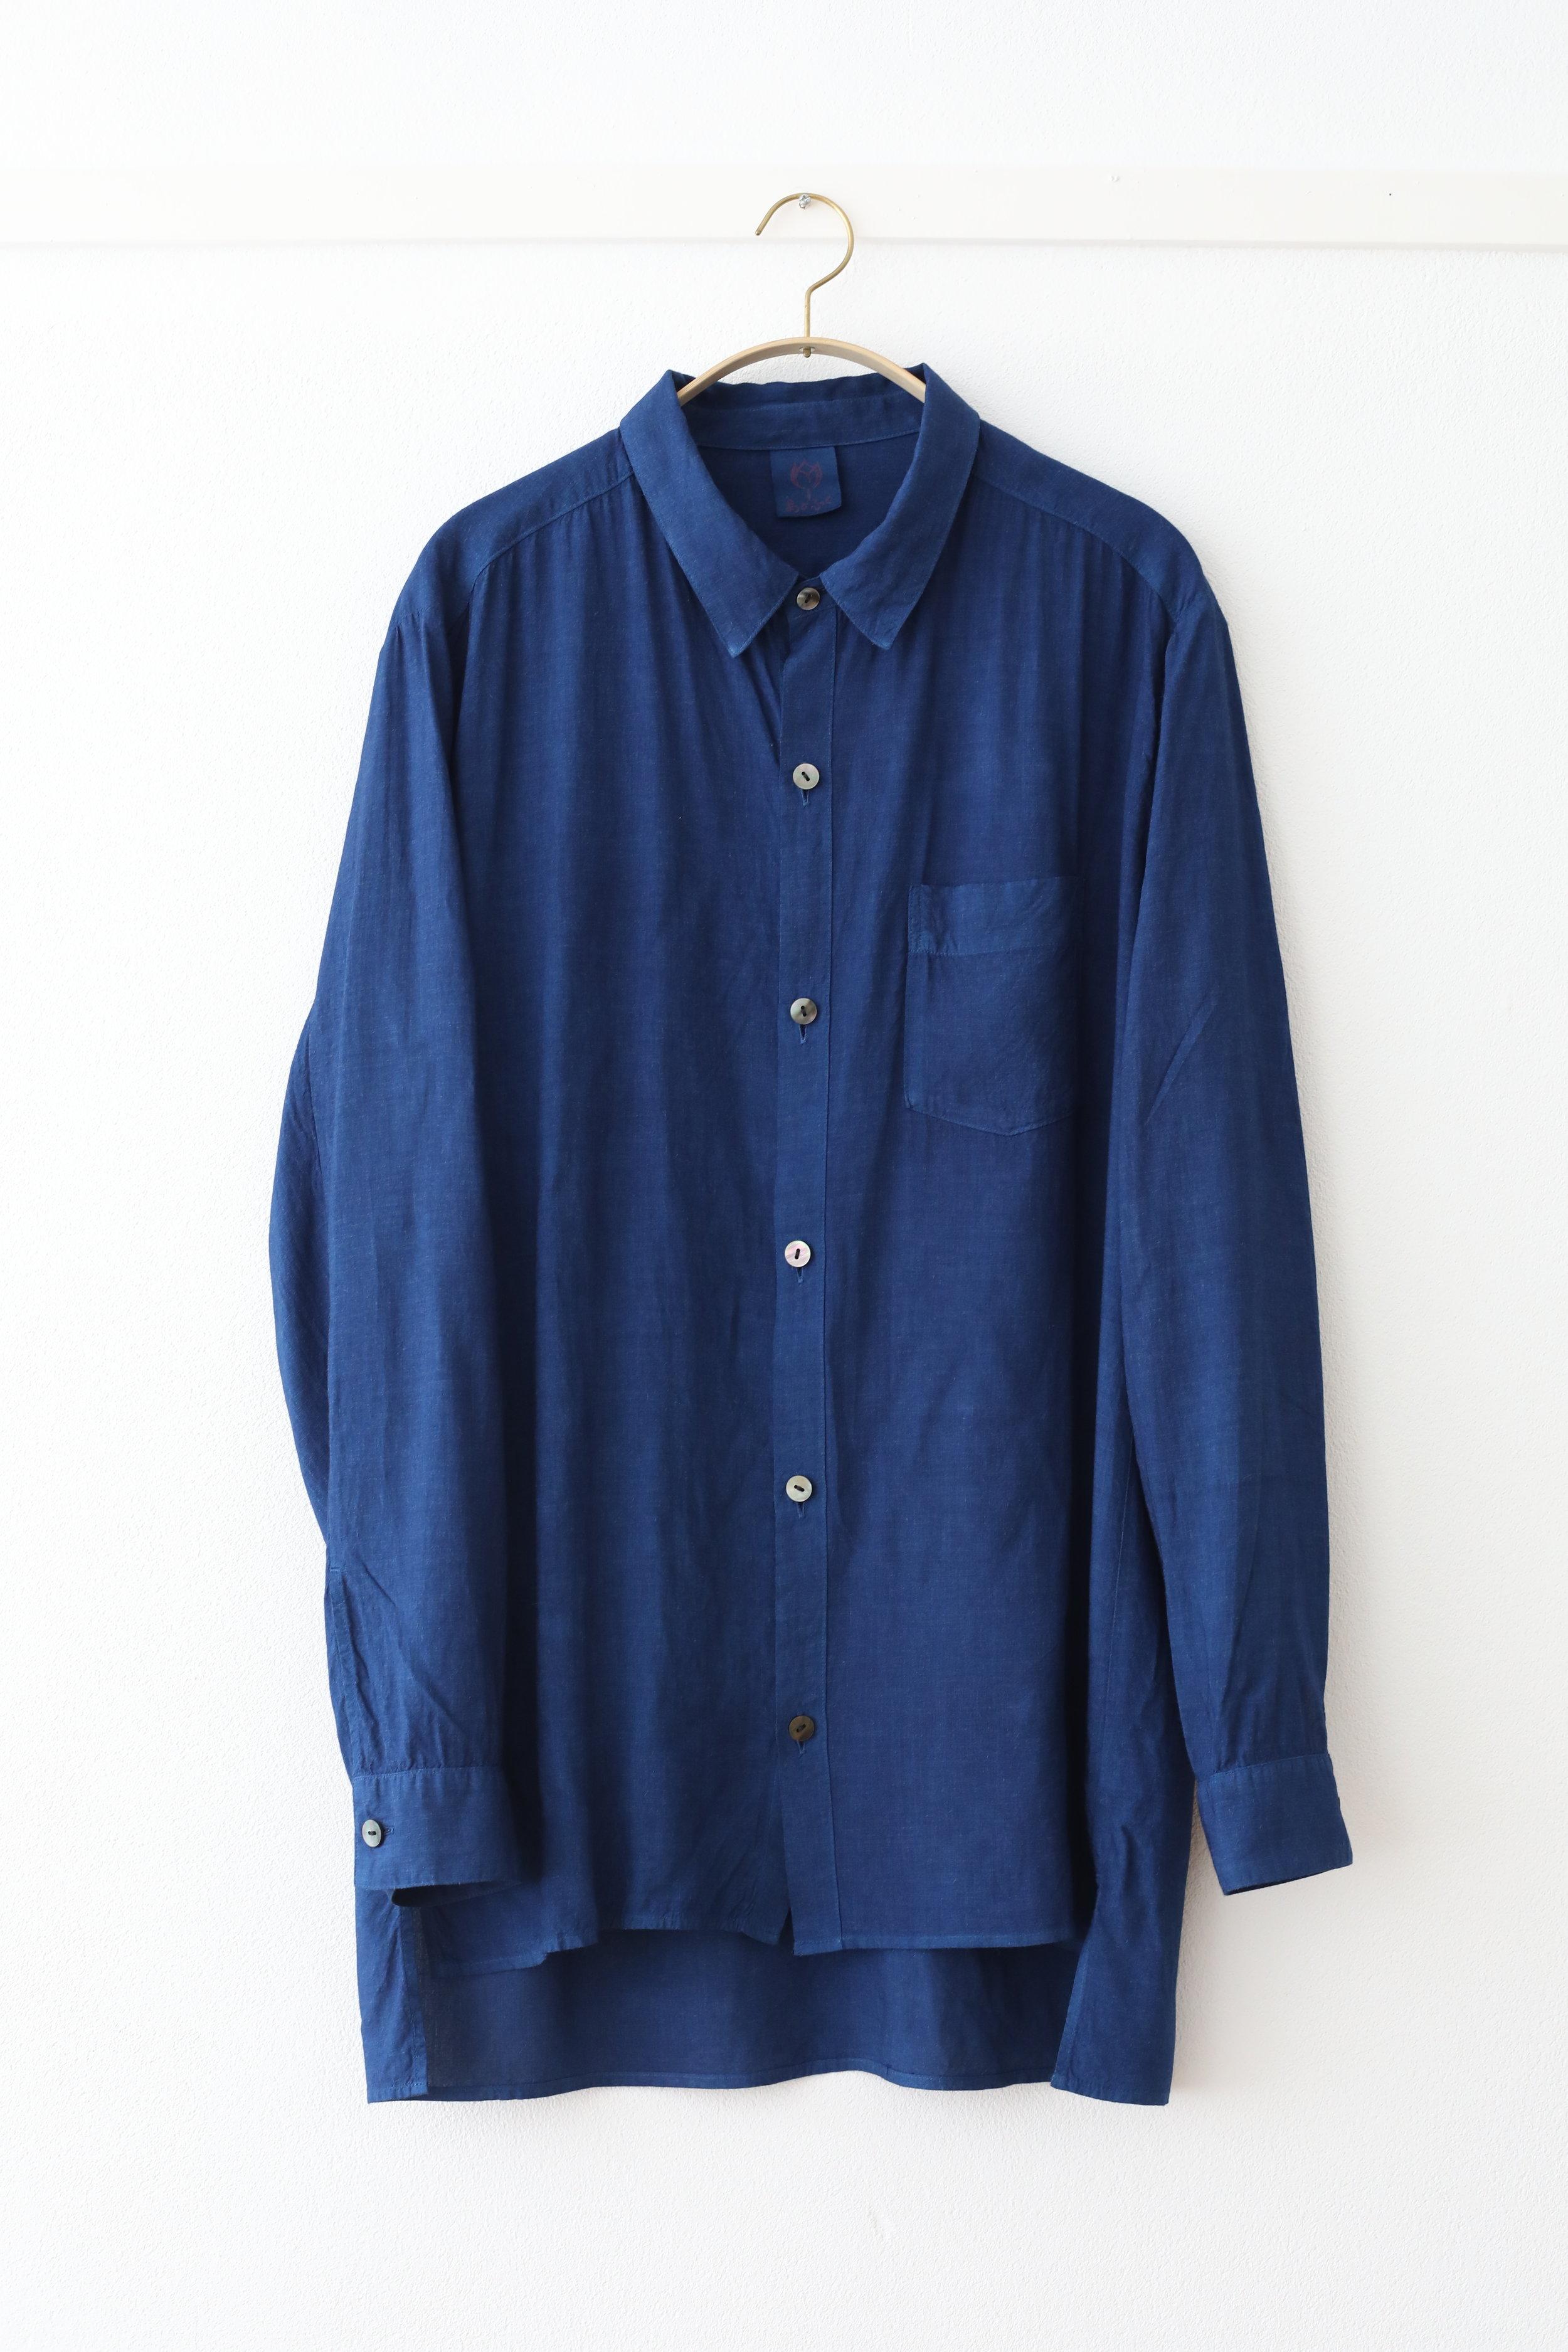 """○ ルームシャツ  堅苦しくなく素材感を生かした優しいシャツ。  素材が光沢感あり上質であるので外出時にも、ジェンダーレスにも着用できます。  シルクレーヨン素材。レーヨン(rayon)とは """"光""""のray と""""綿""""cotton を組み合わせた語源から。こちらはレーヨンテンセルという森から生まれた木材パルプを使用した再生繊維となります。  肌触りが良く涼しく、吸湿性、放湿性が良いのが特徴。藍染することで温かくなったり、より体温調節に優れています。  Made in Japan Layon : 90% , Silk : 10%  白 ¥16,000 + tax ,  正藍染 ¥27,000 + tax"""